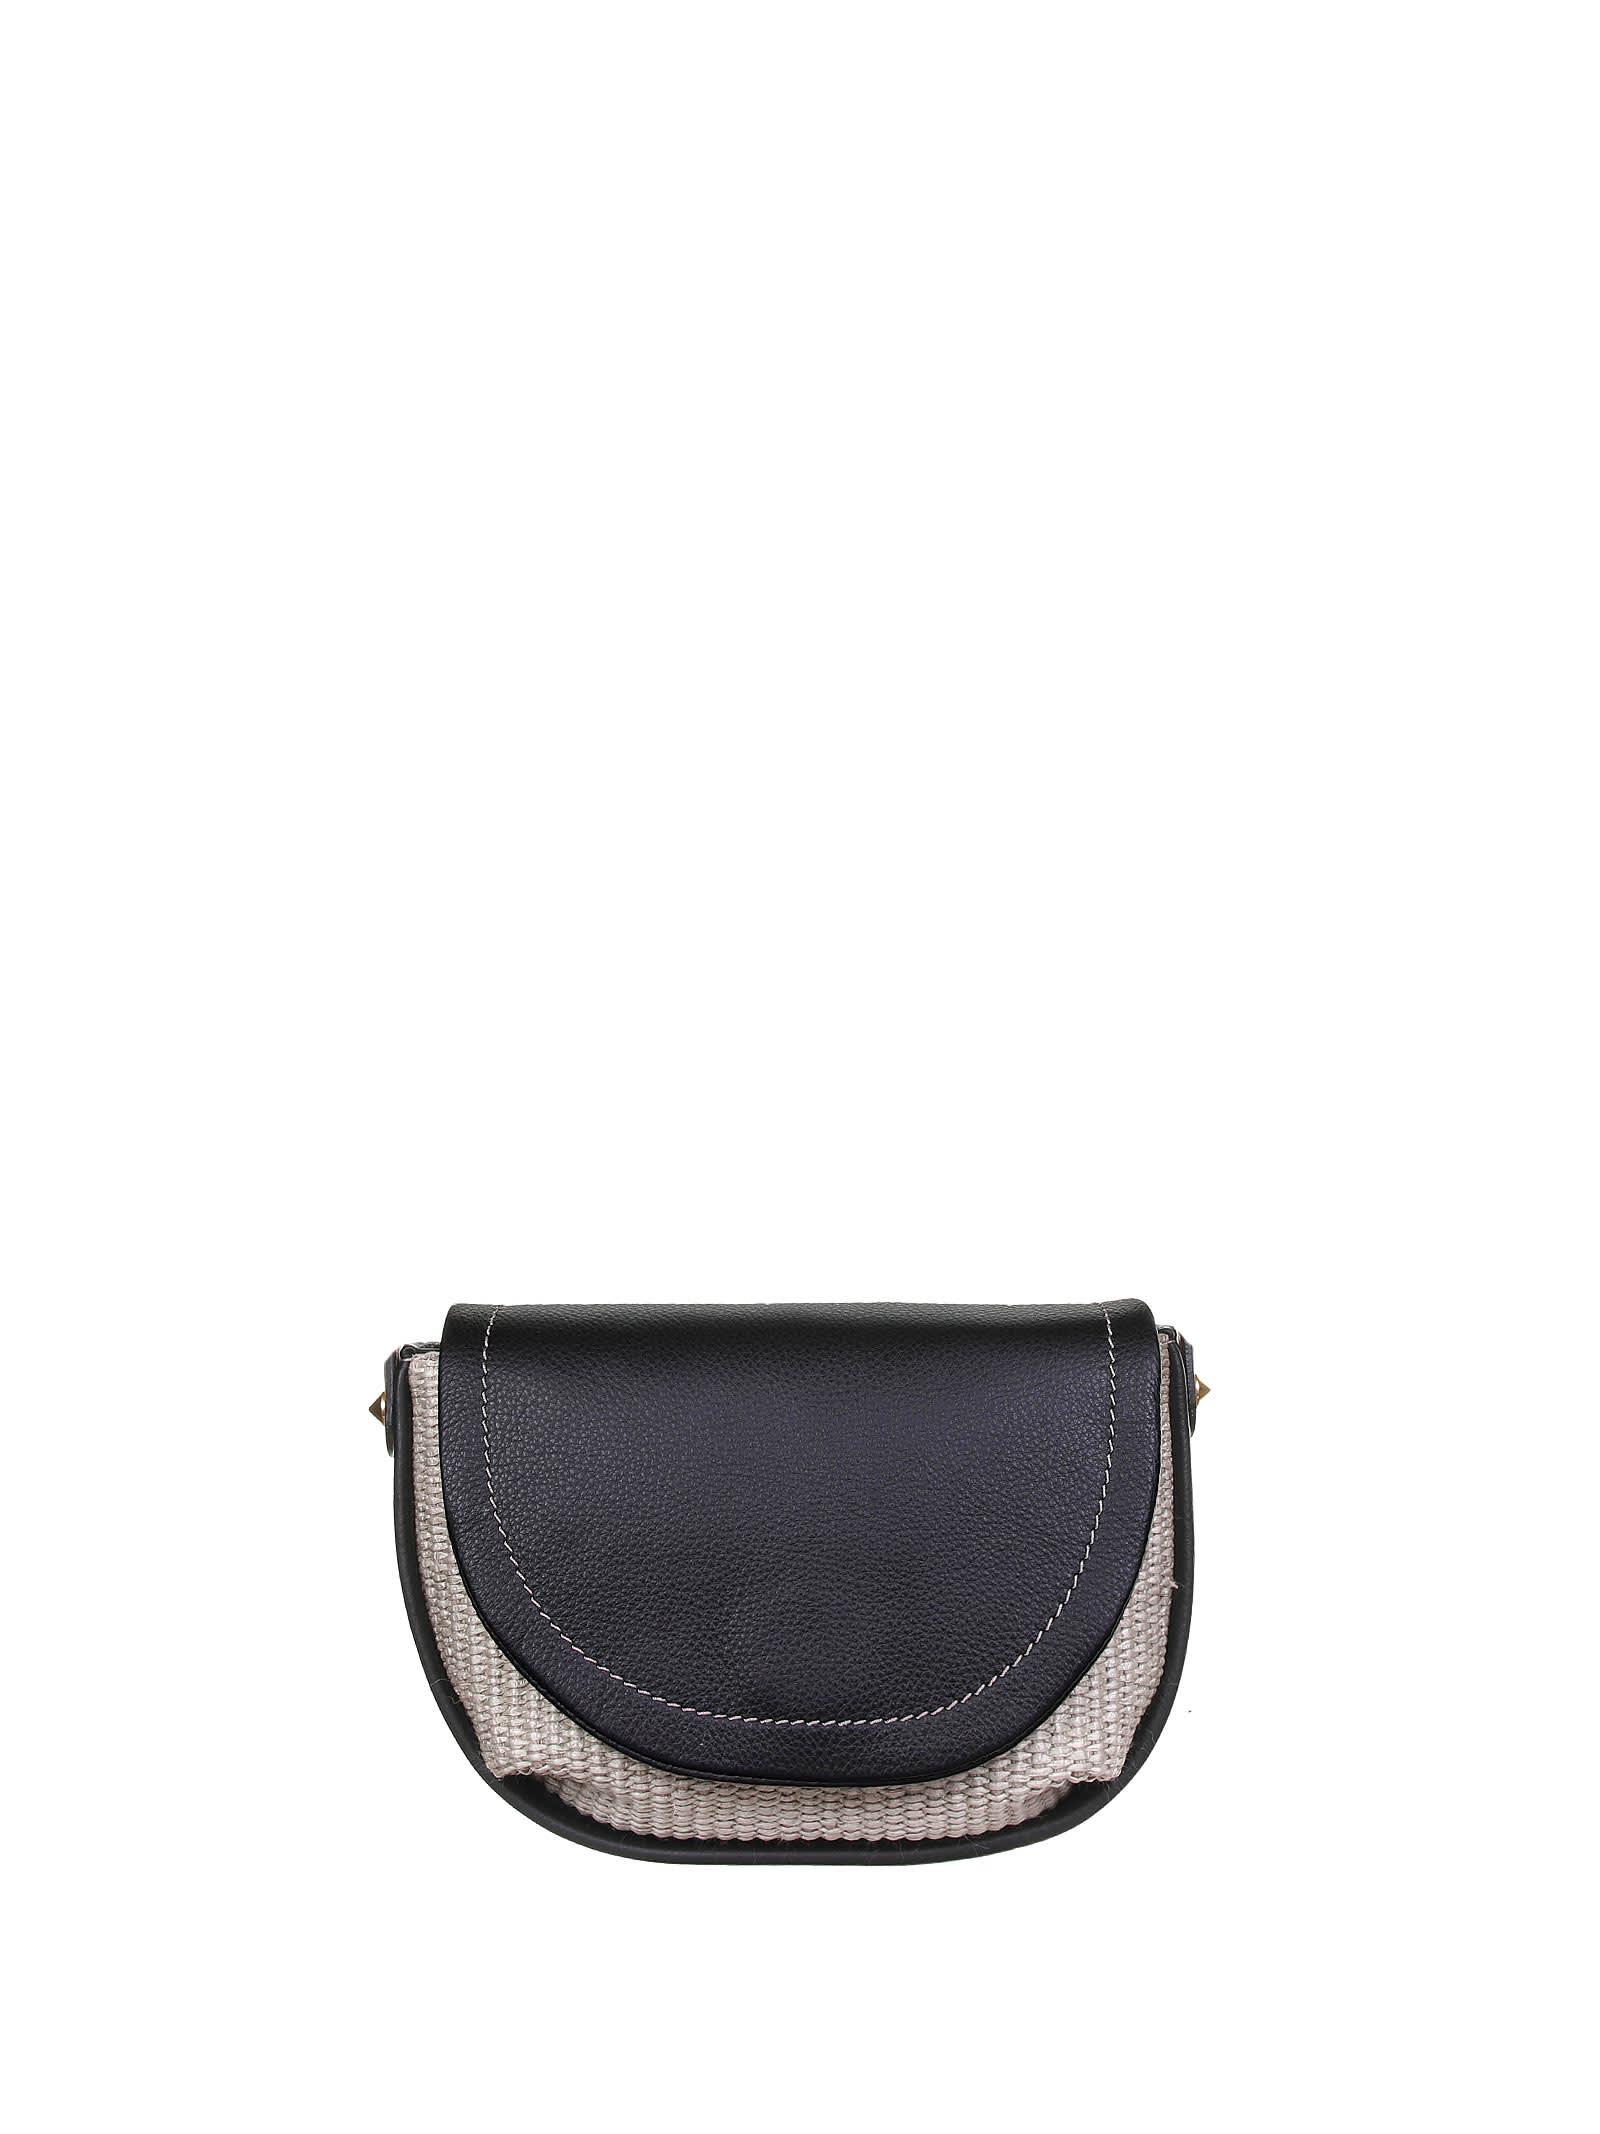 Diana Shoulder Bag